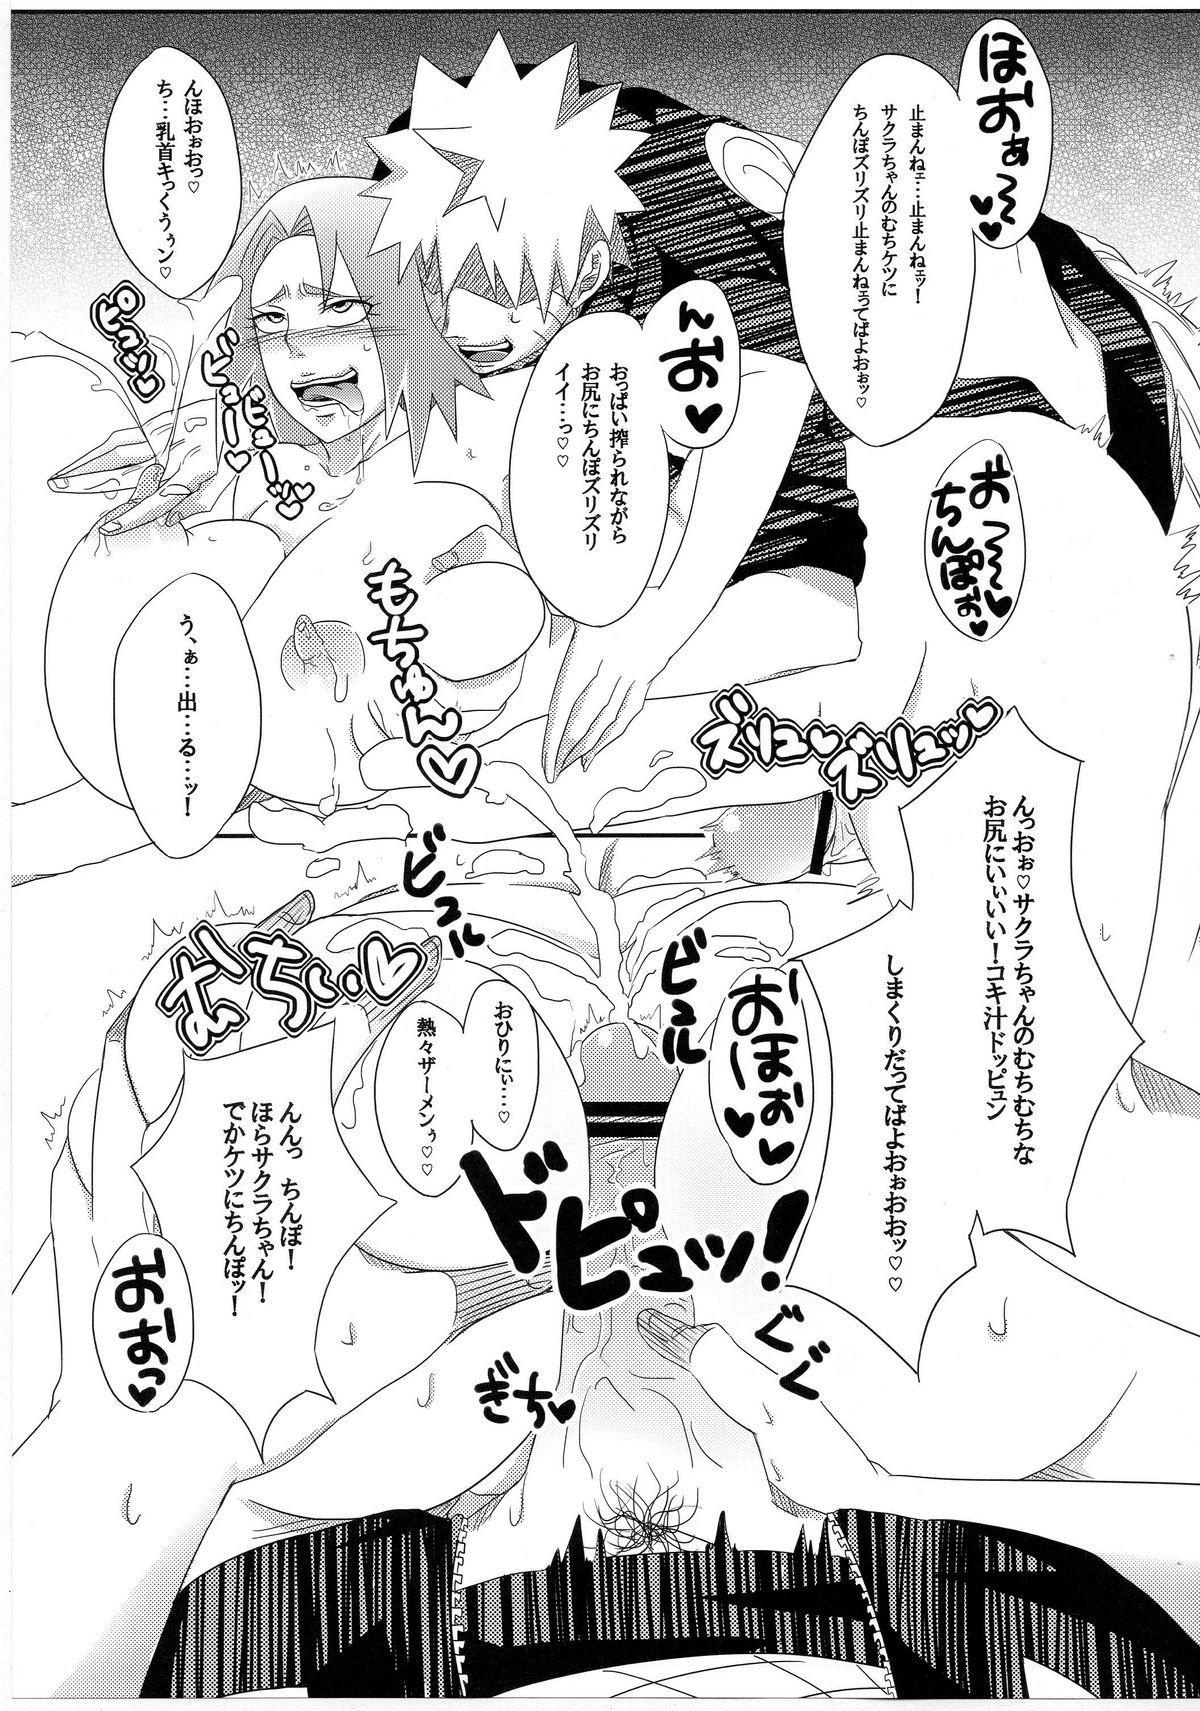 Sato Ichiban no! 11